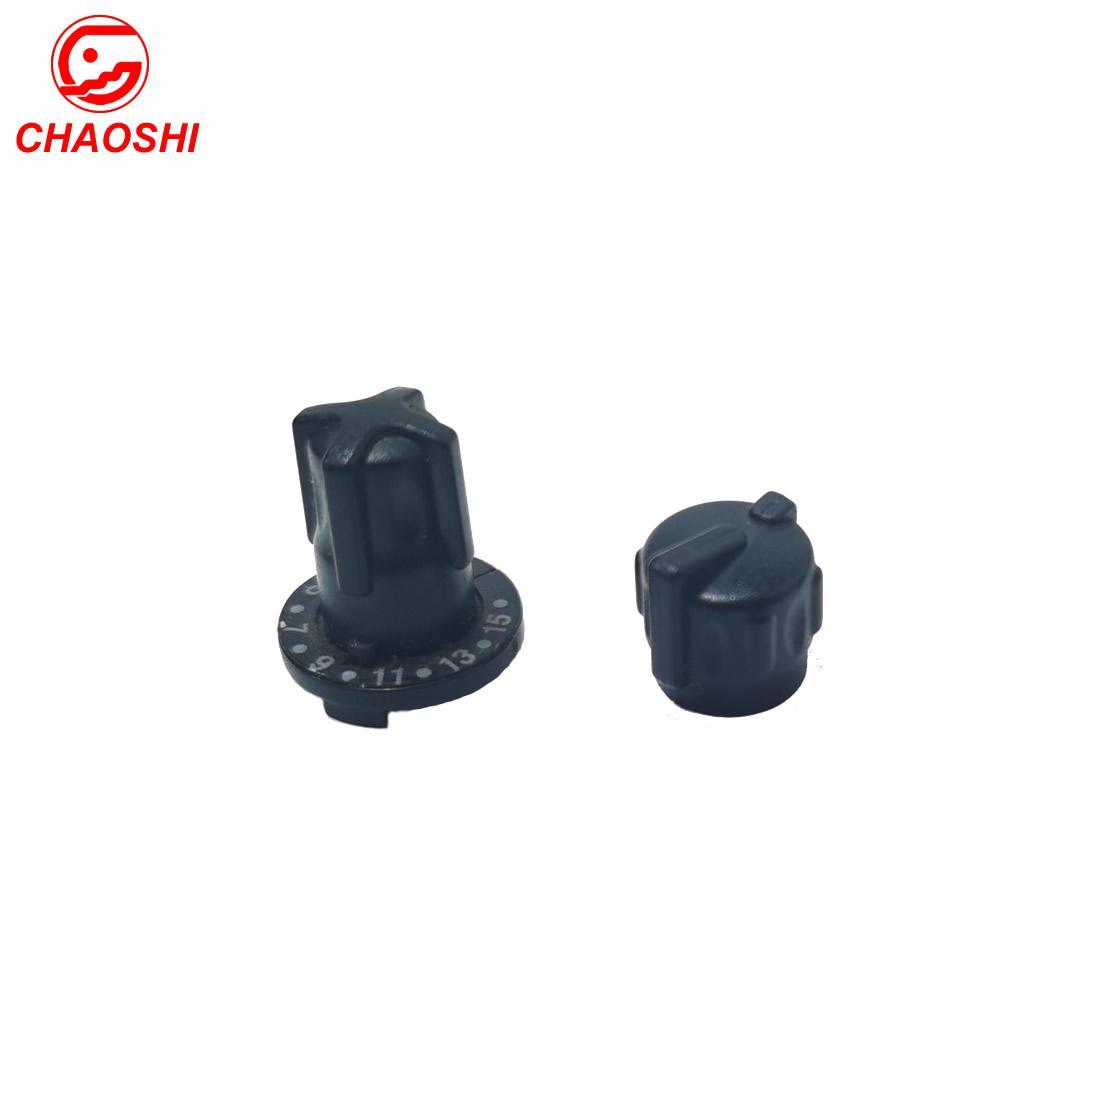 面殼 VX231, CP9350001 6